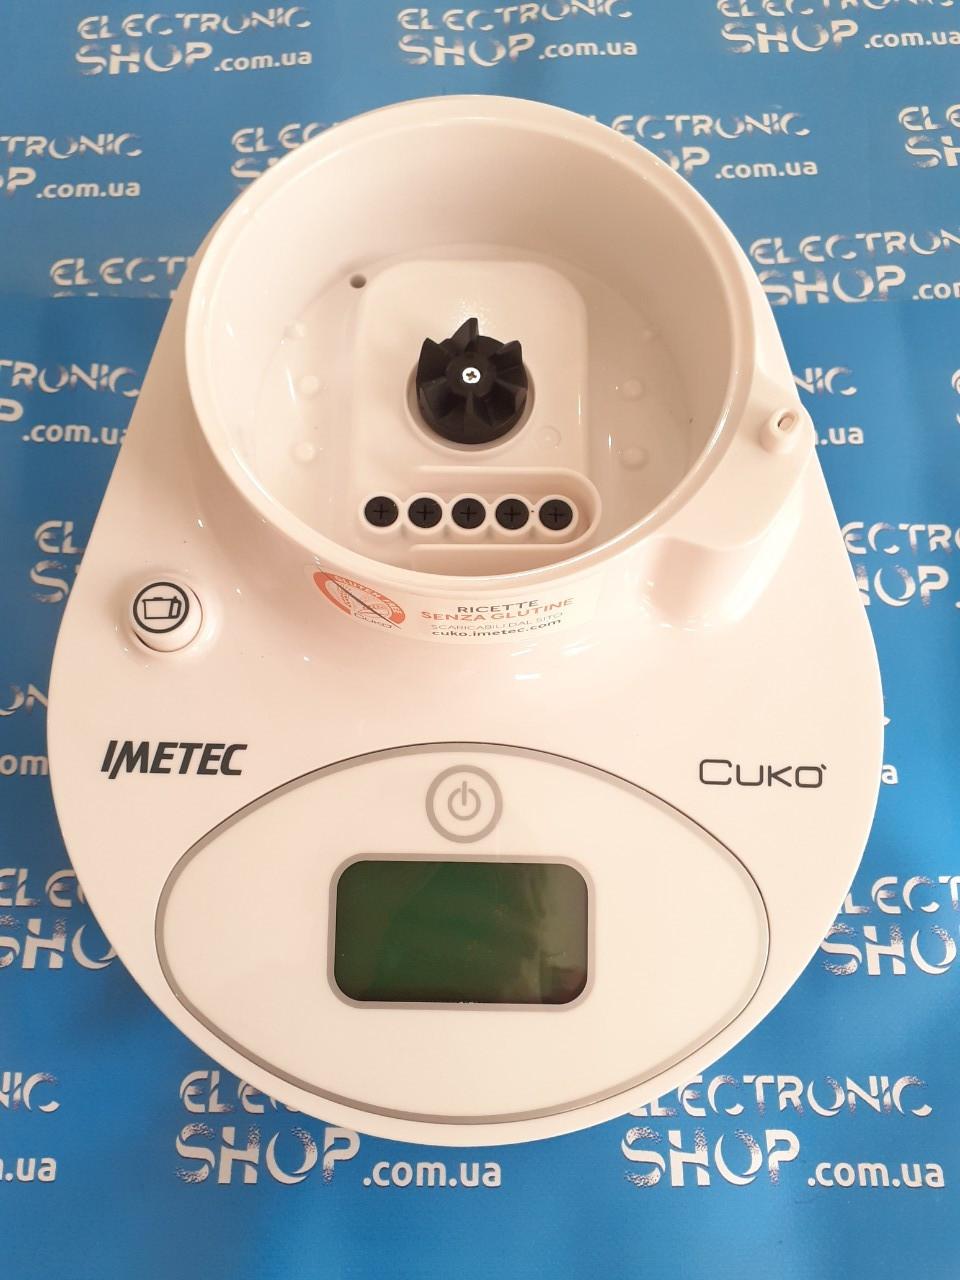 Основной блок комбайна (домашнего робота) IMETEC 7780 CUKO